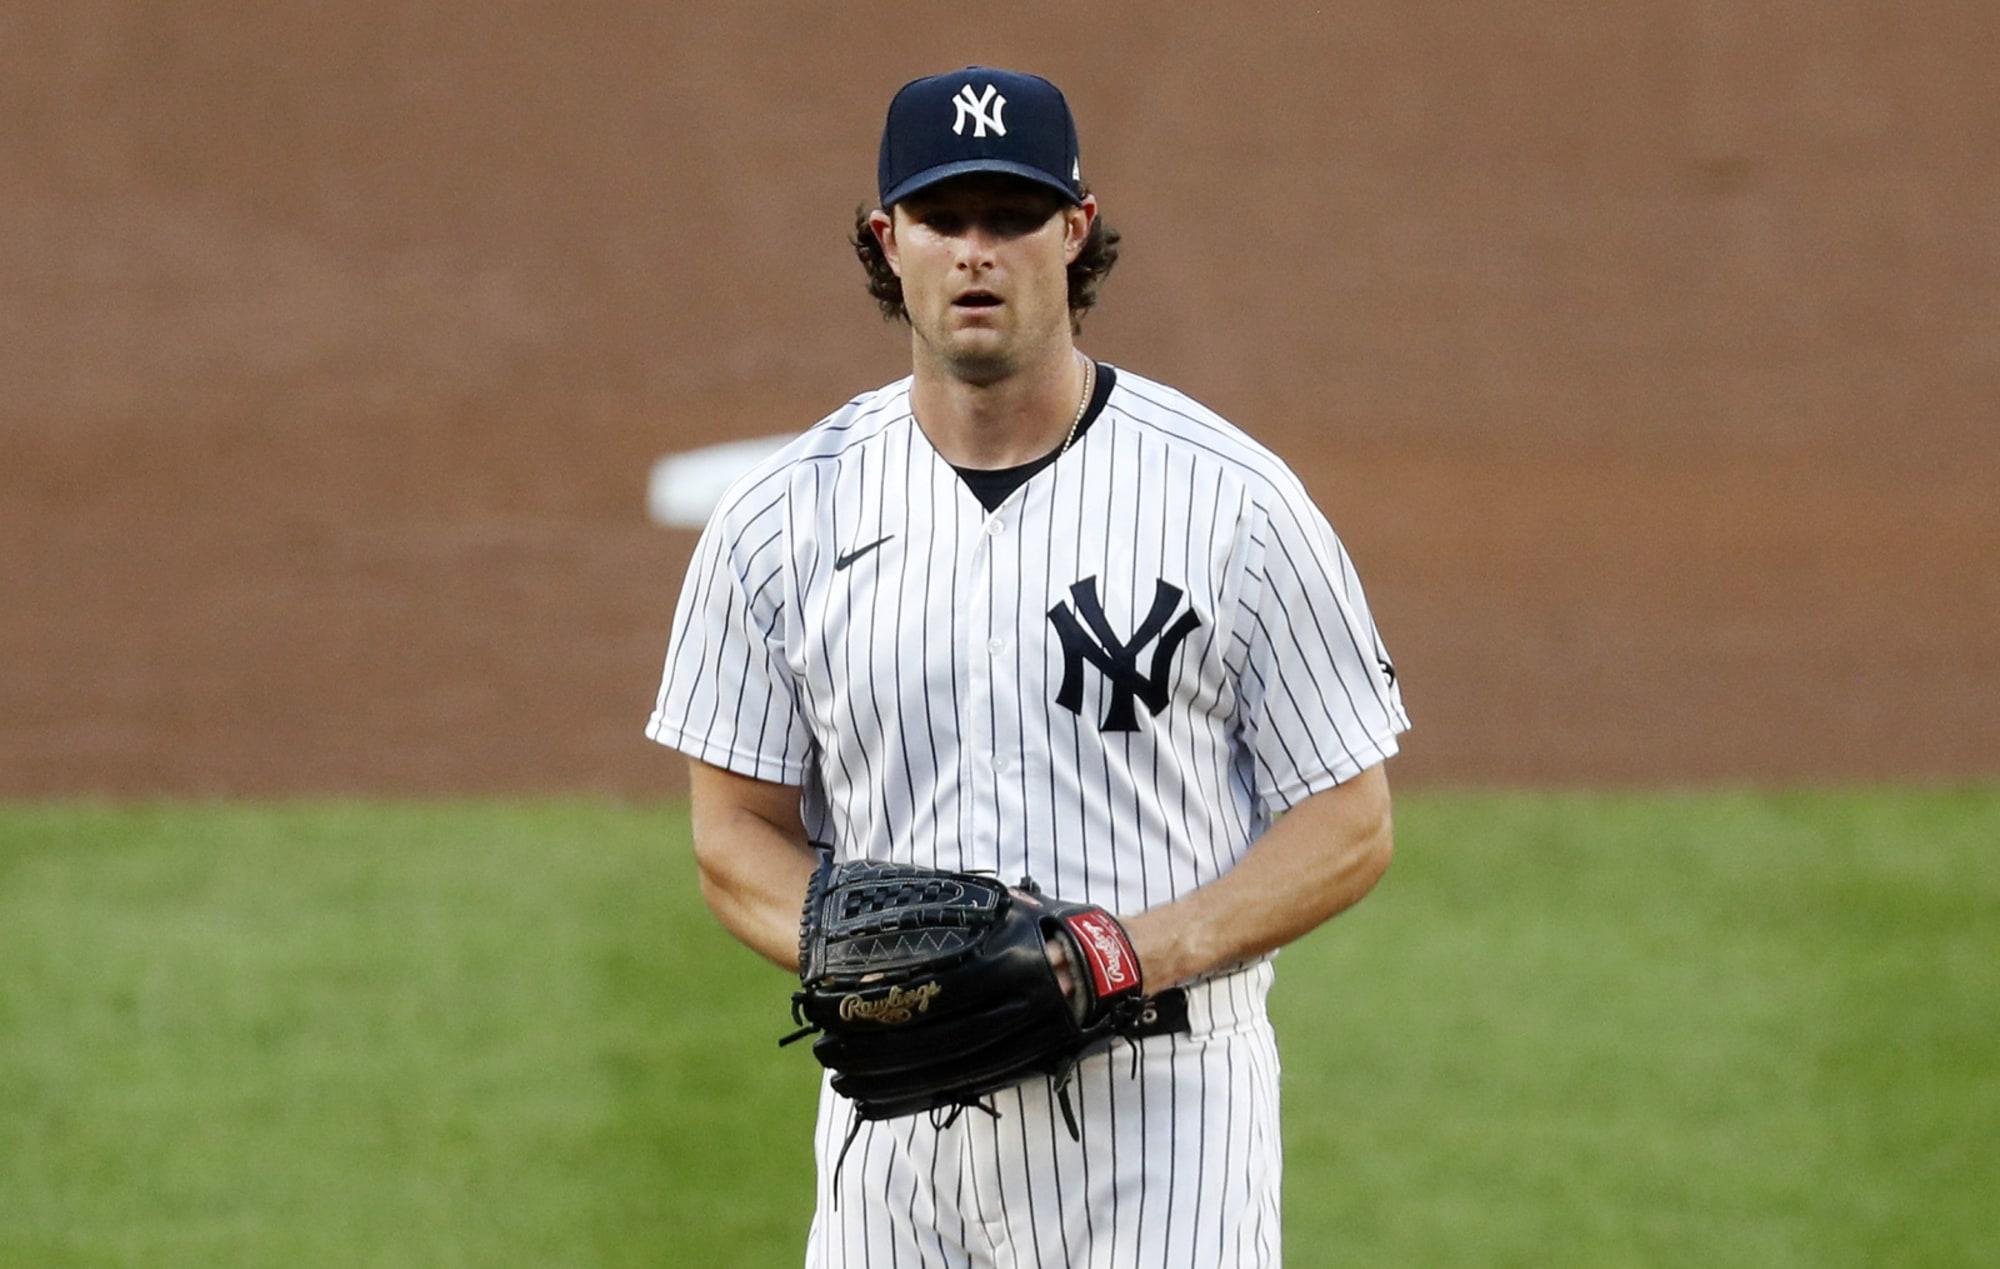 Abridores de Yankees logran mejor racha desde 1932